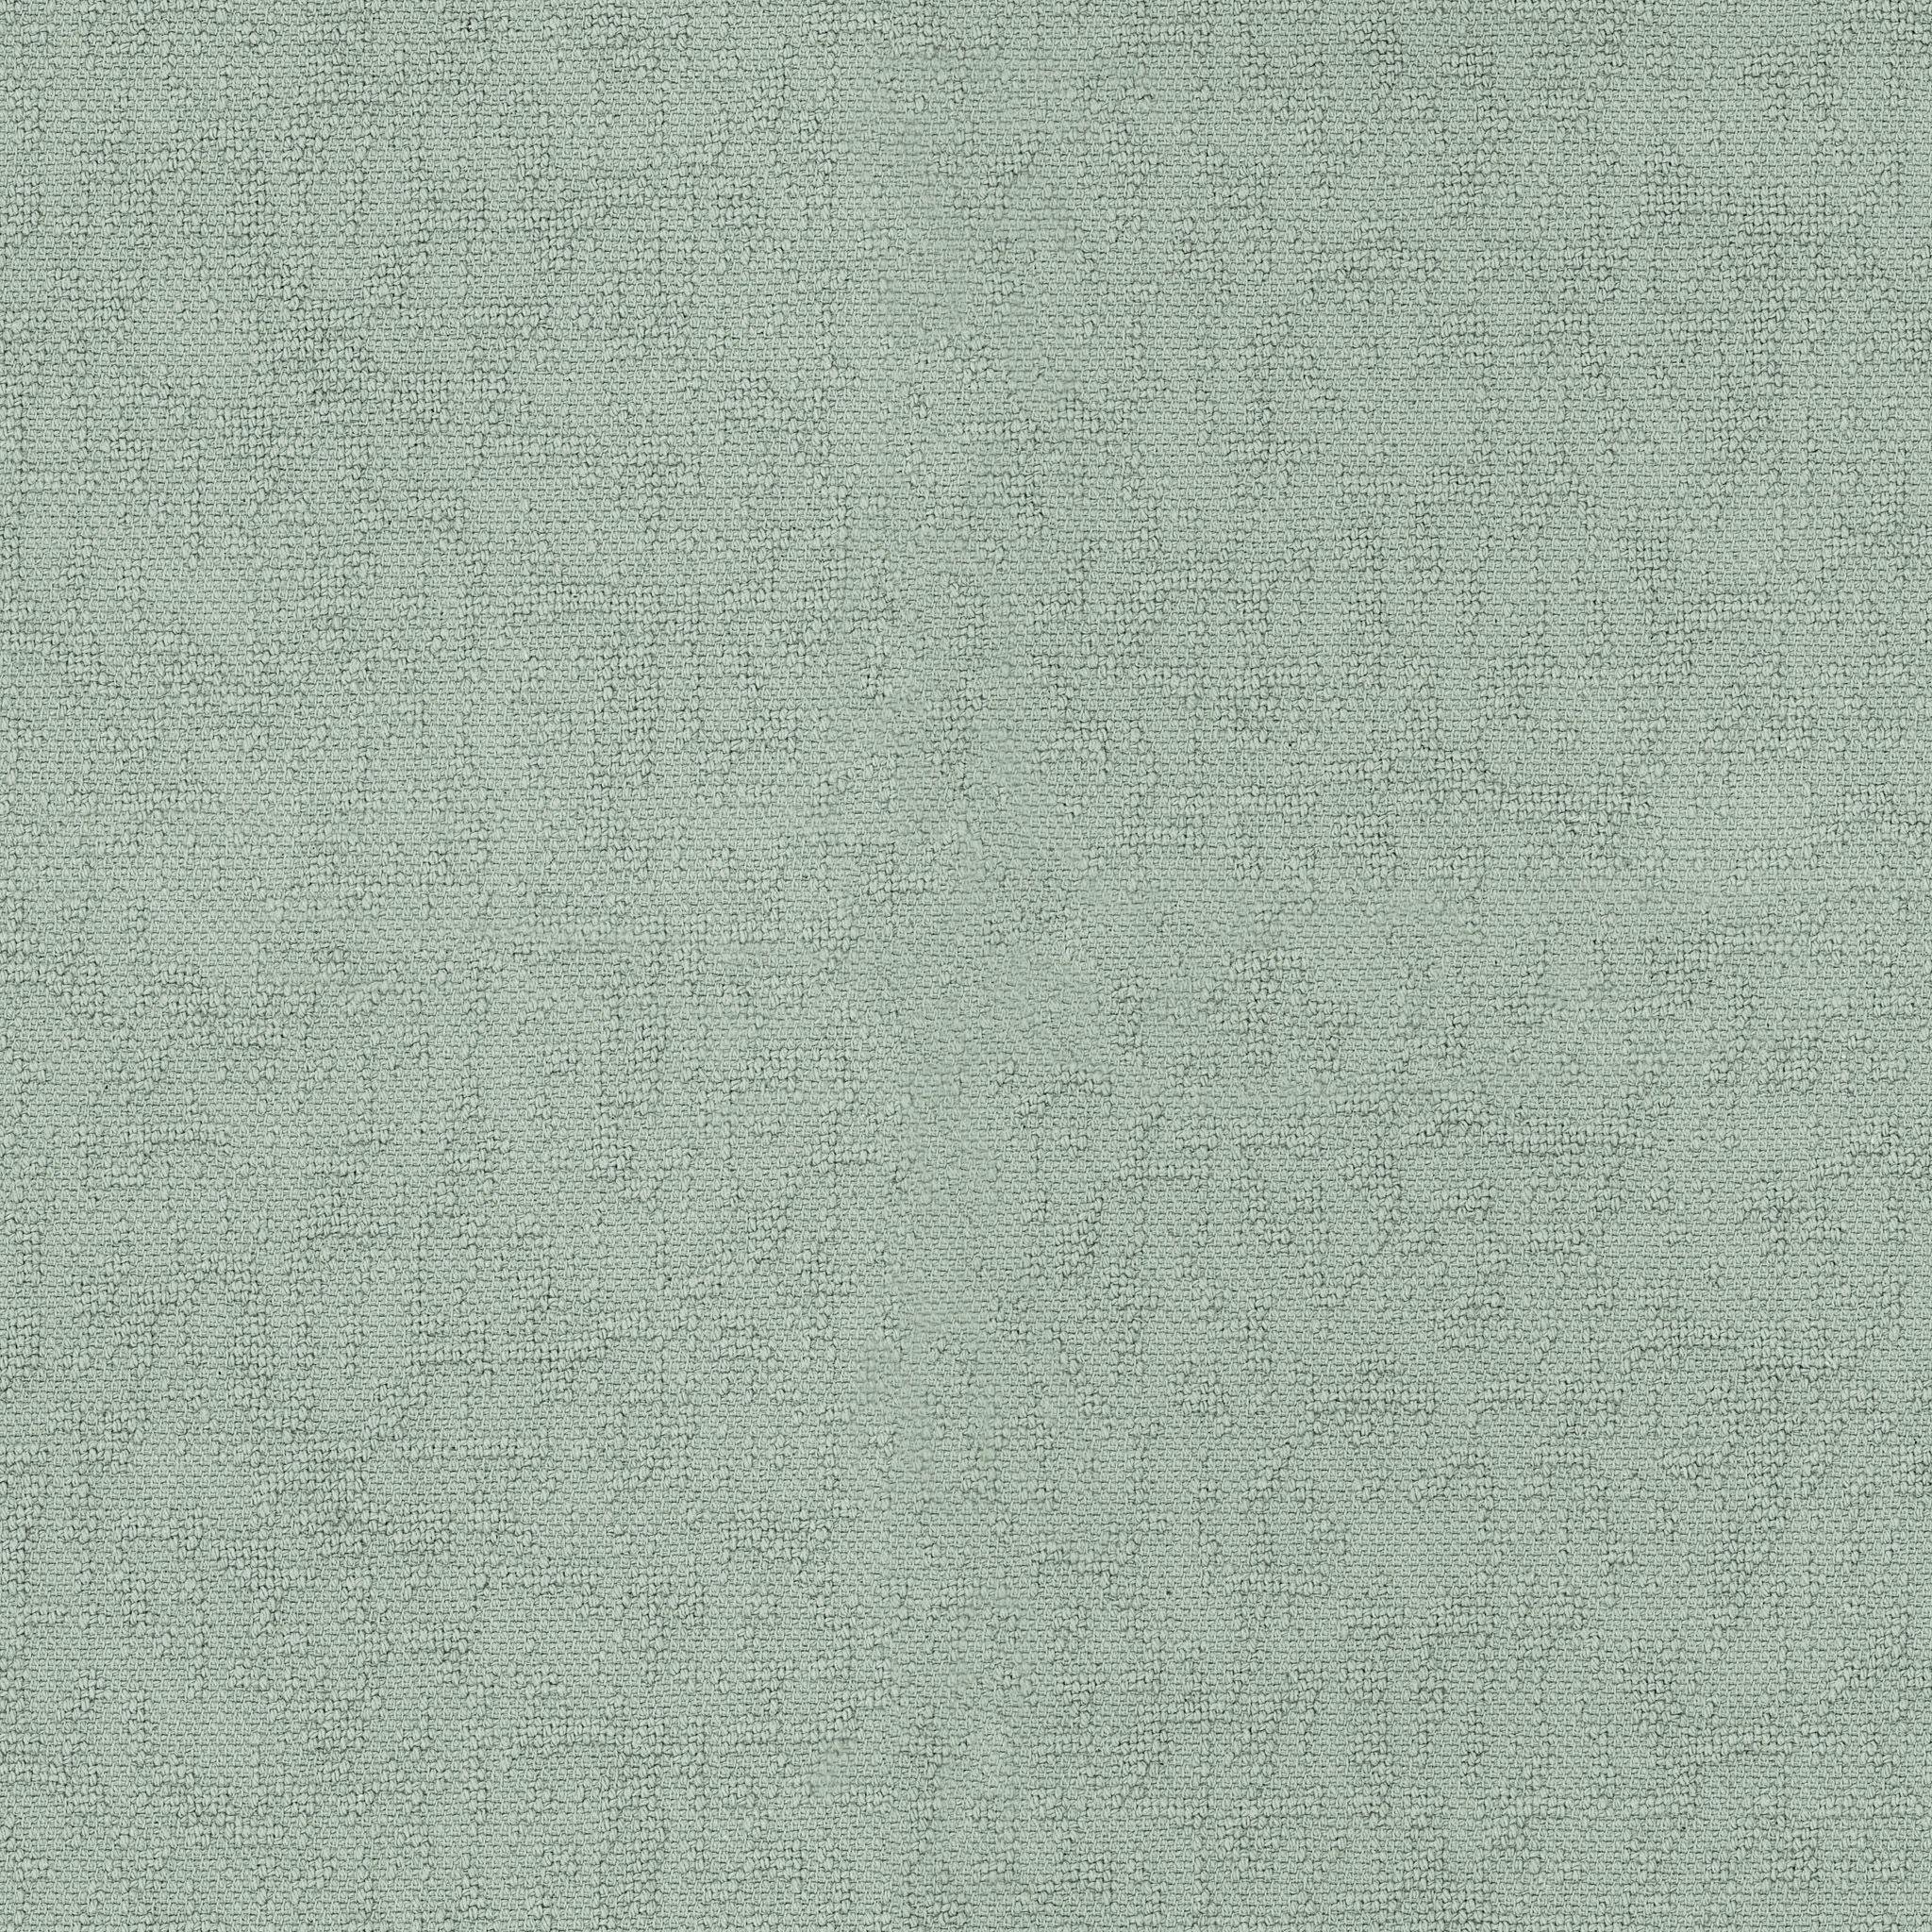 Carta Da Parati Verniciabile fossile: plain fabric whose small, vaguely geometric